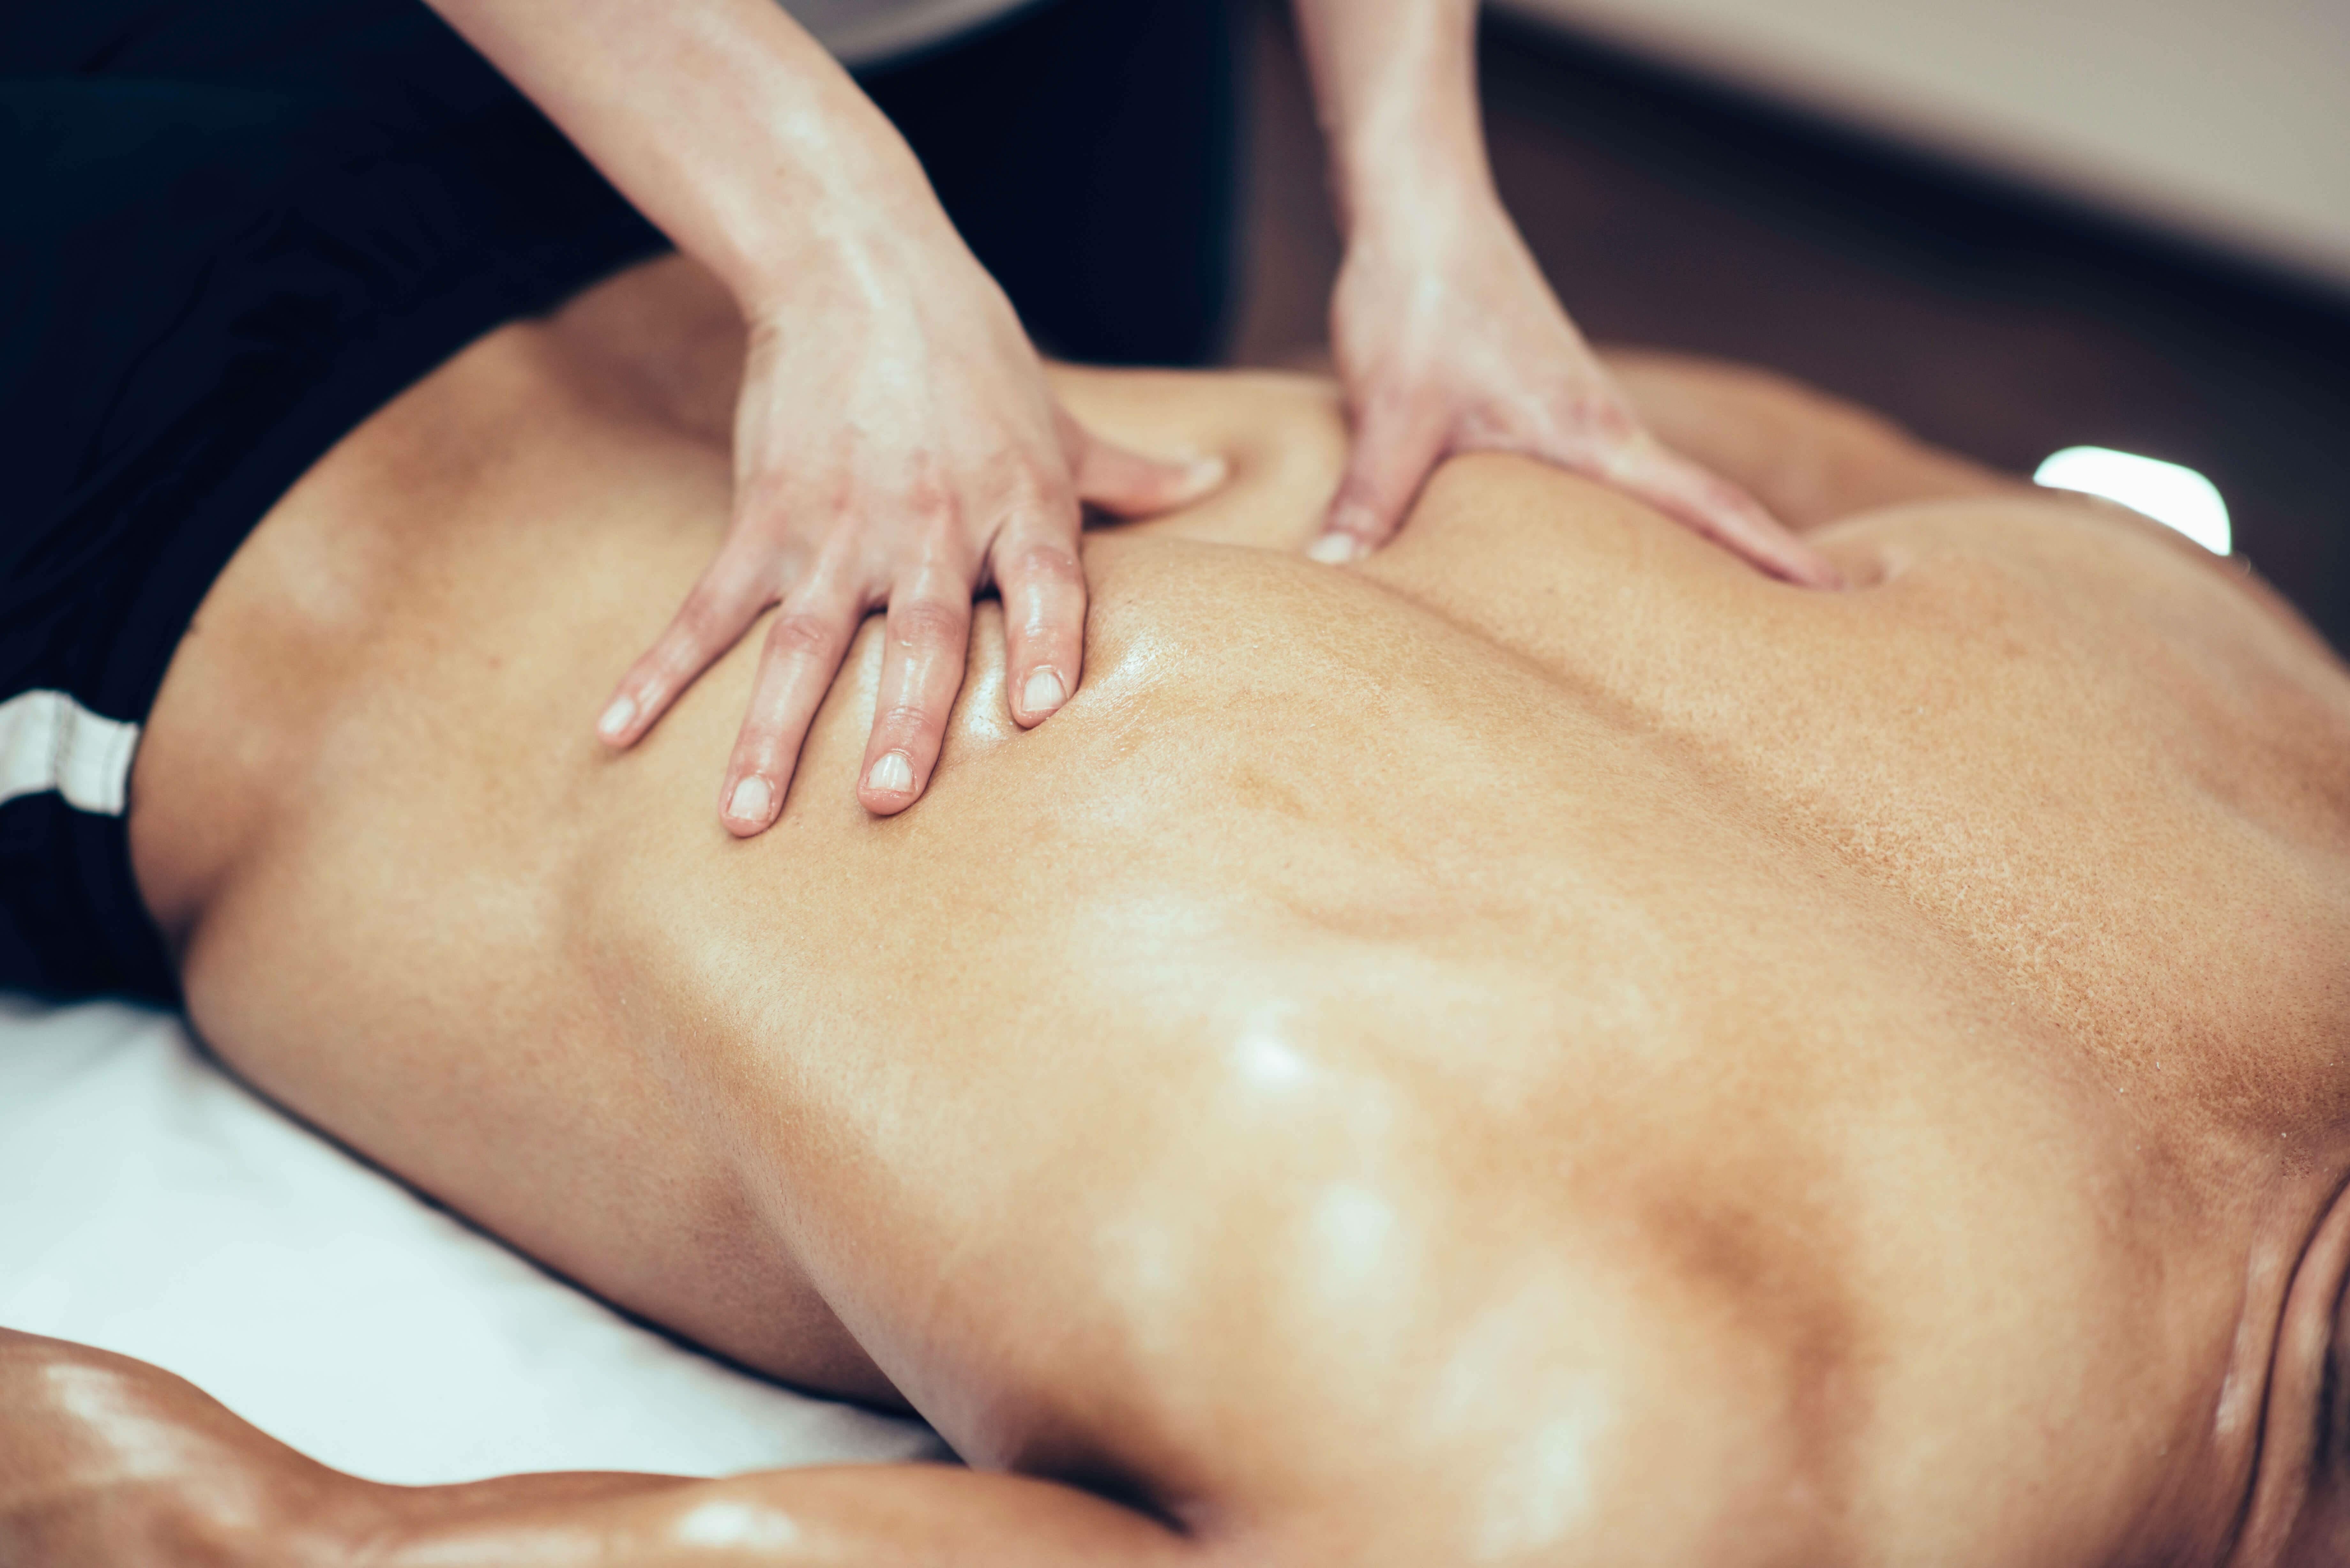 Массаж спины при остеохондрозе поясничного отдела позвоночника - виды массажа, правила выполнения